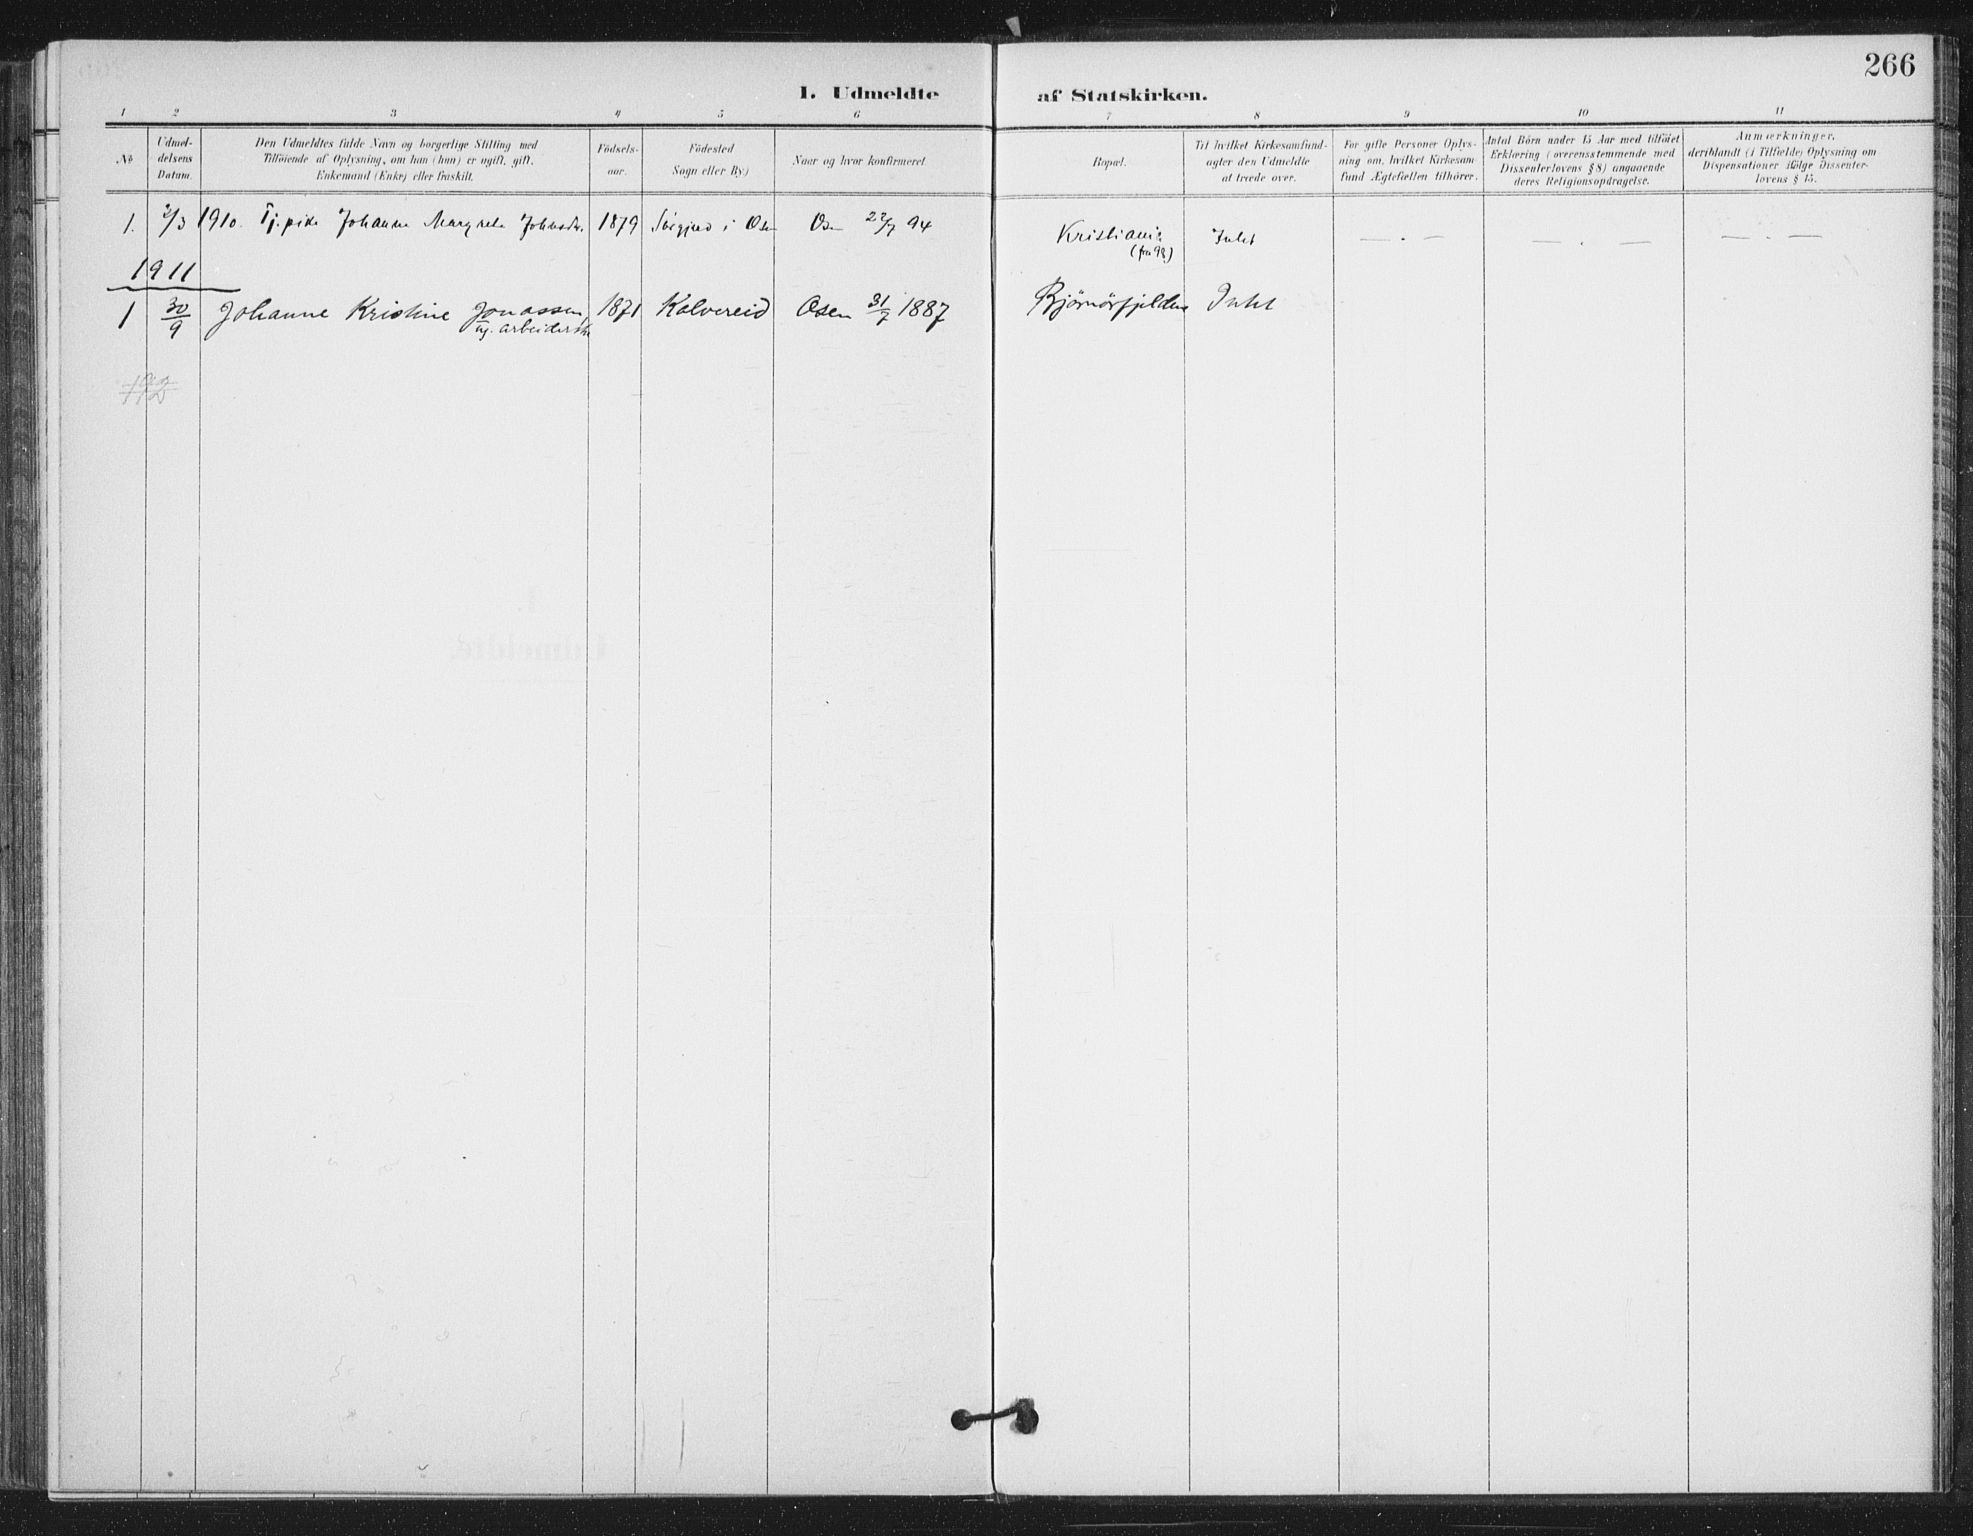 SAT, Ministerialprotokoller, klokkerbøker og fødselsregistre - Sør-Trøndelag, 658/L0723: Ministerialbok nr. 658A02, 1897-1912, s. 266